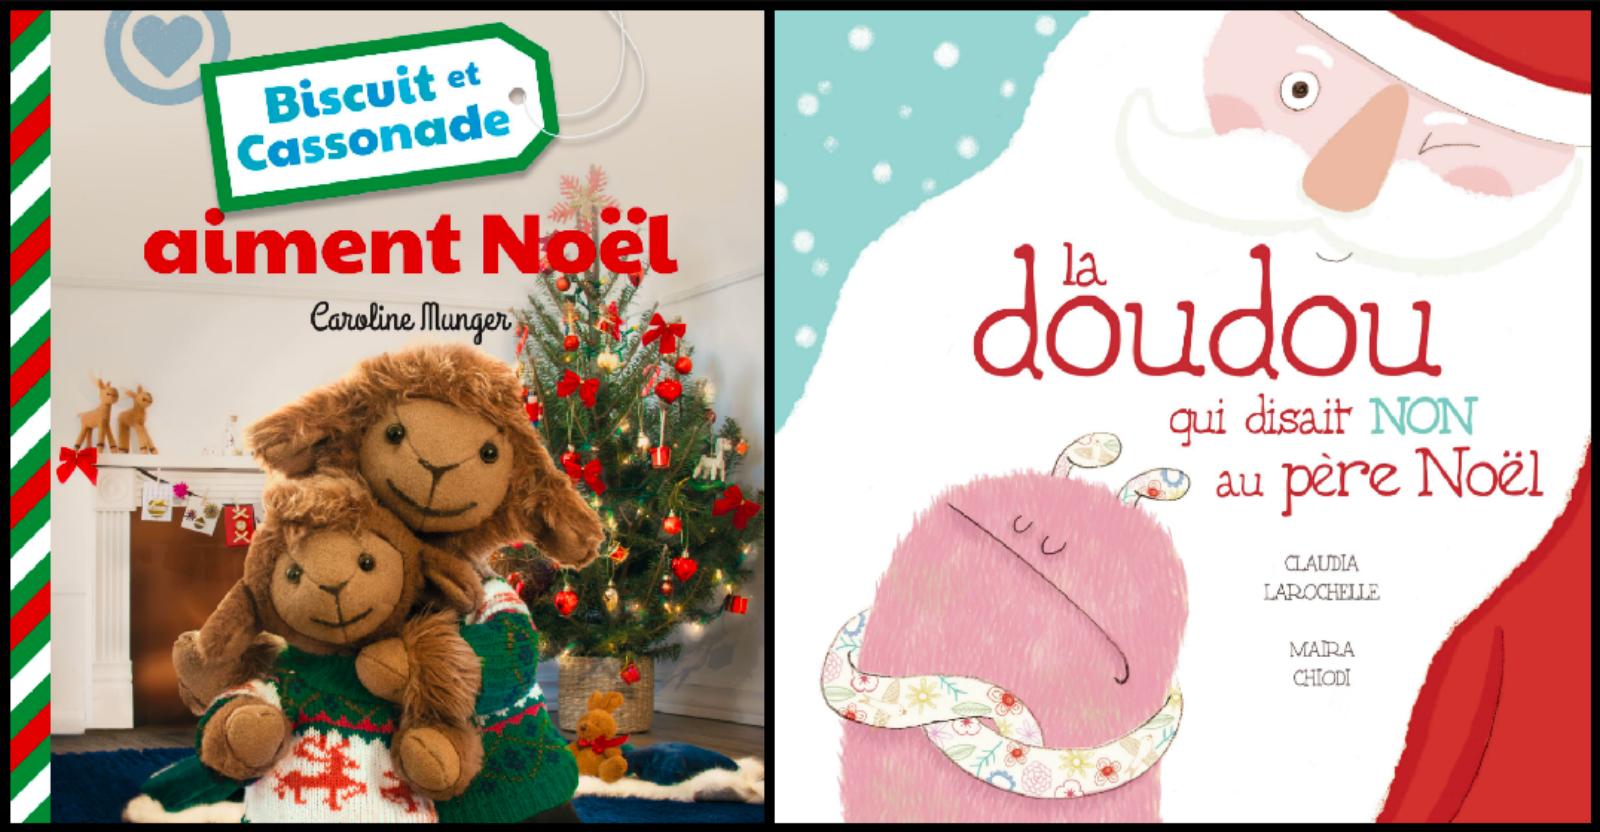 Biscuit, Cassonade et doudou nous mettent dans l'ambiance de Noël